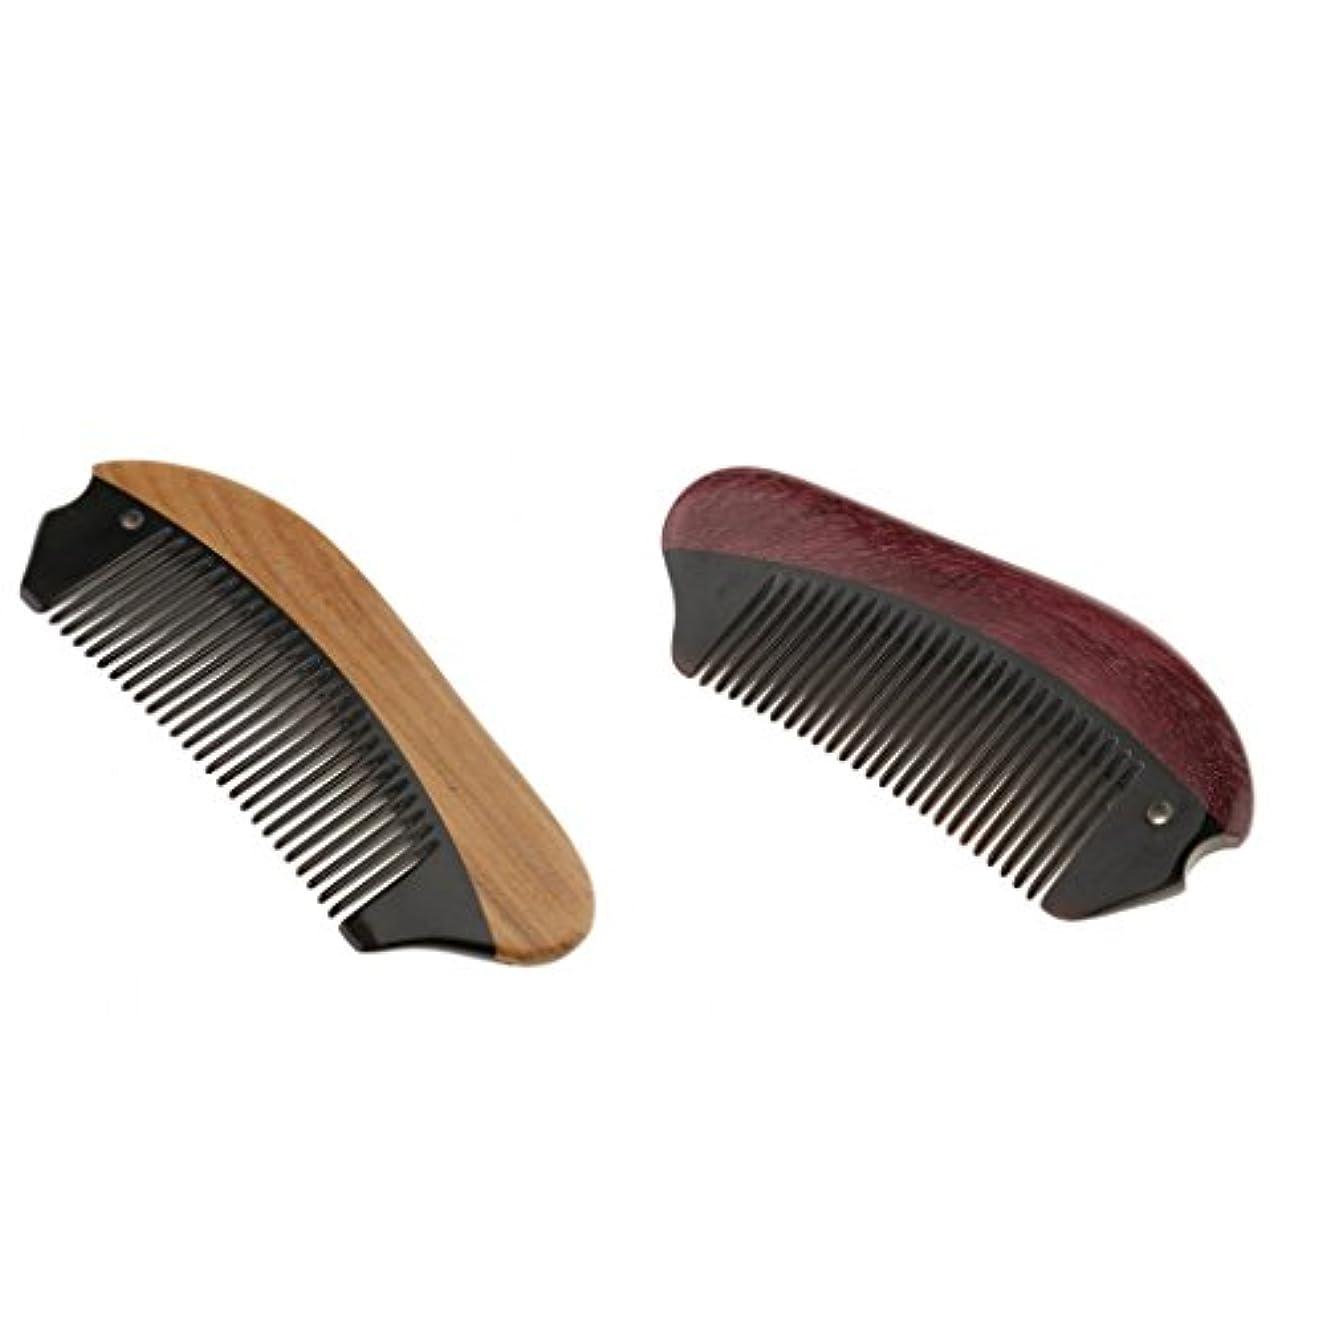 最小マイク筋Baosity 2個 木製 櫛 コーム 静電気防止 マッサージ 高品質 プレゼント 贈り物